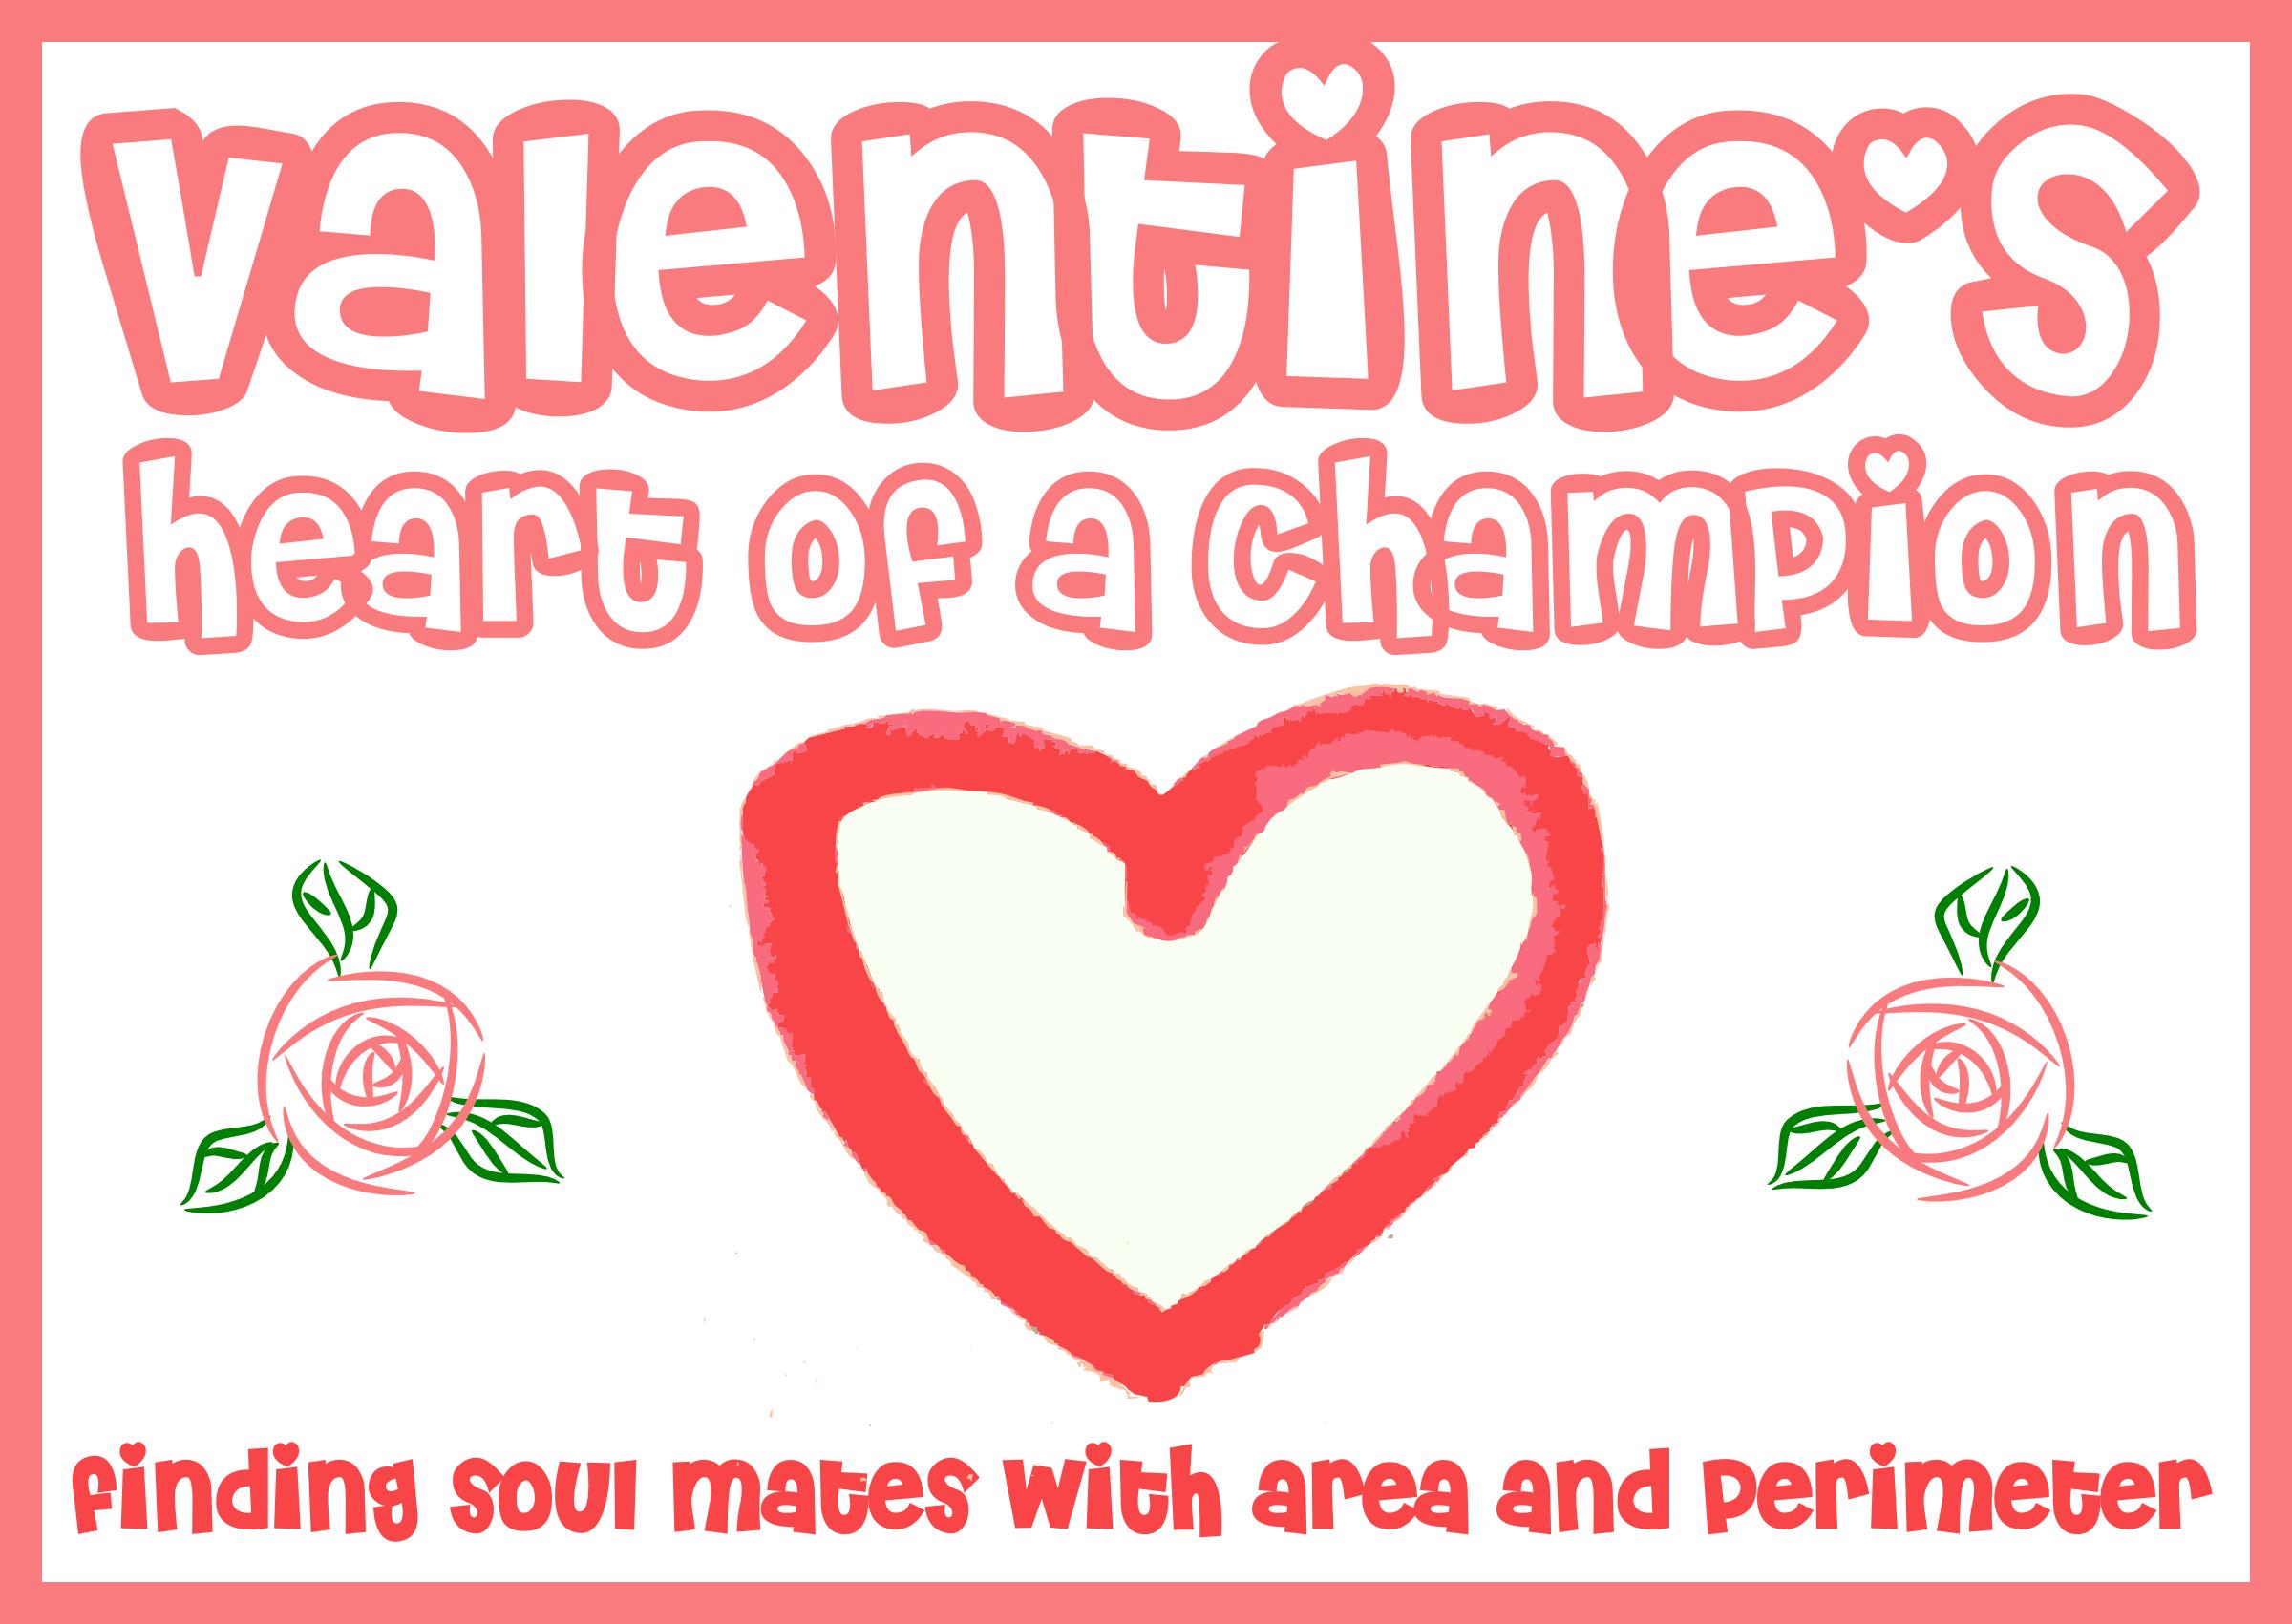 Valentine S Heart Of A Champion Area Perimeter Volume